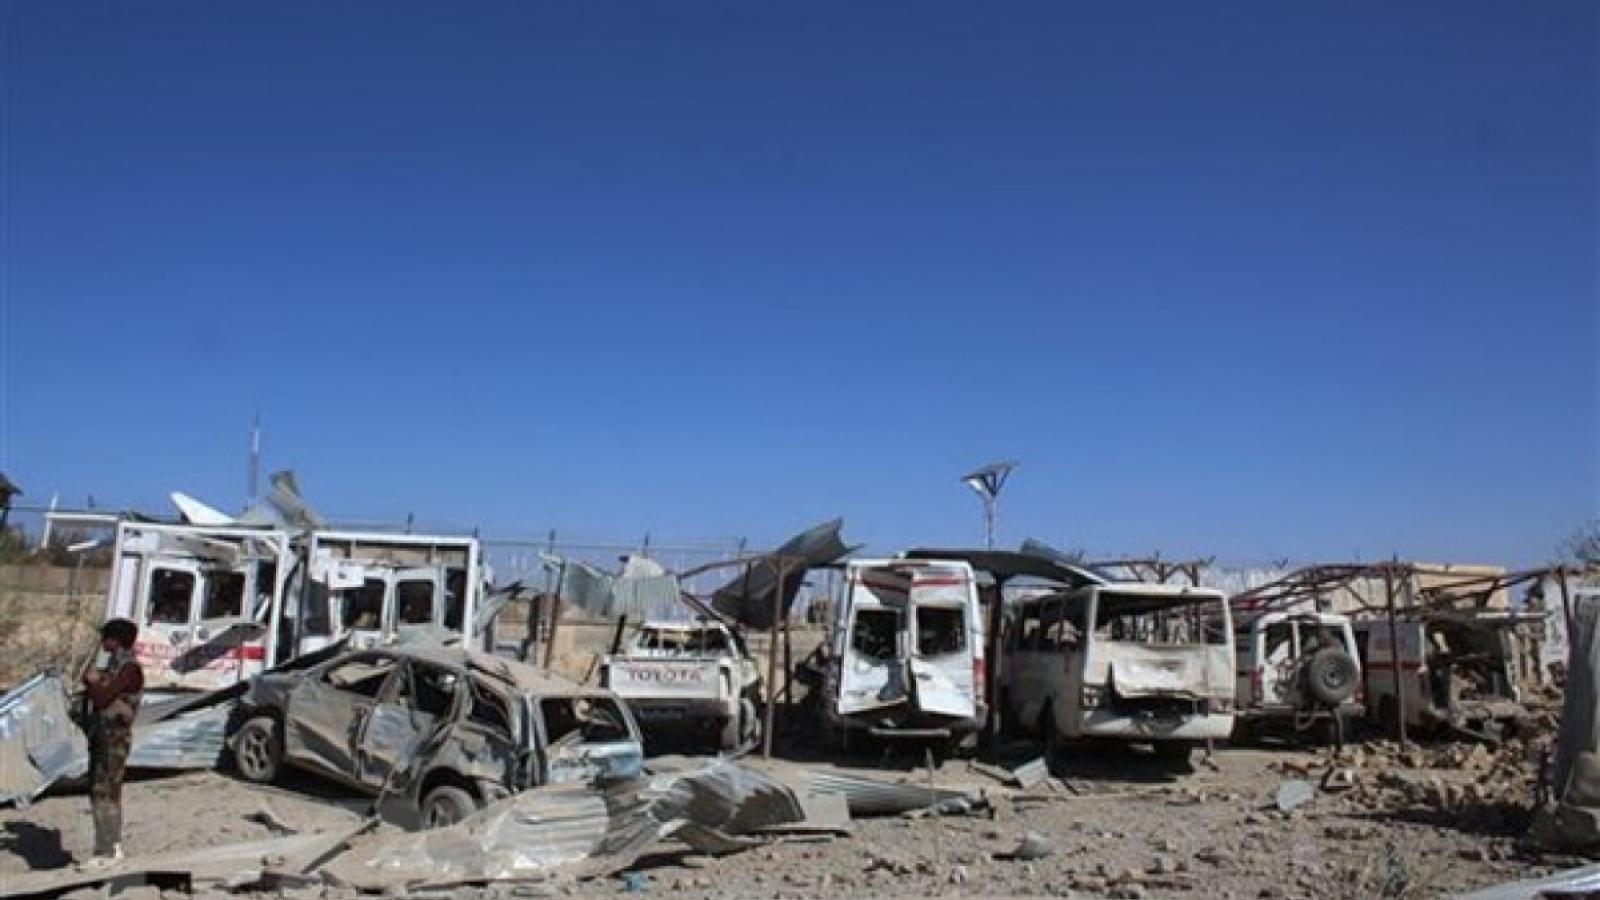 Afghanistan: Số vụ tấn công của Taliban tăng 24% kể từ sau Thỏa thuận hòa bình với Mỹ